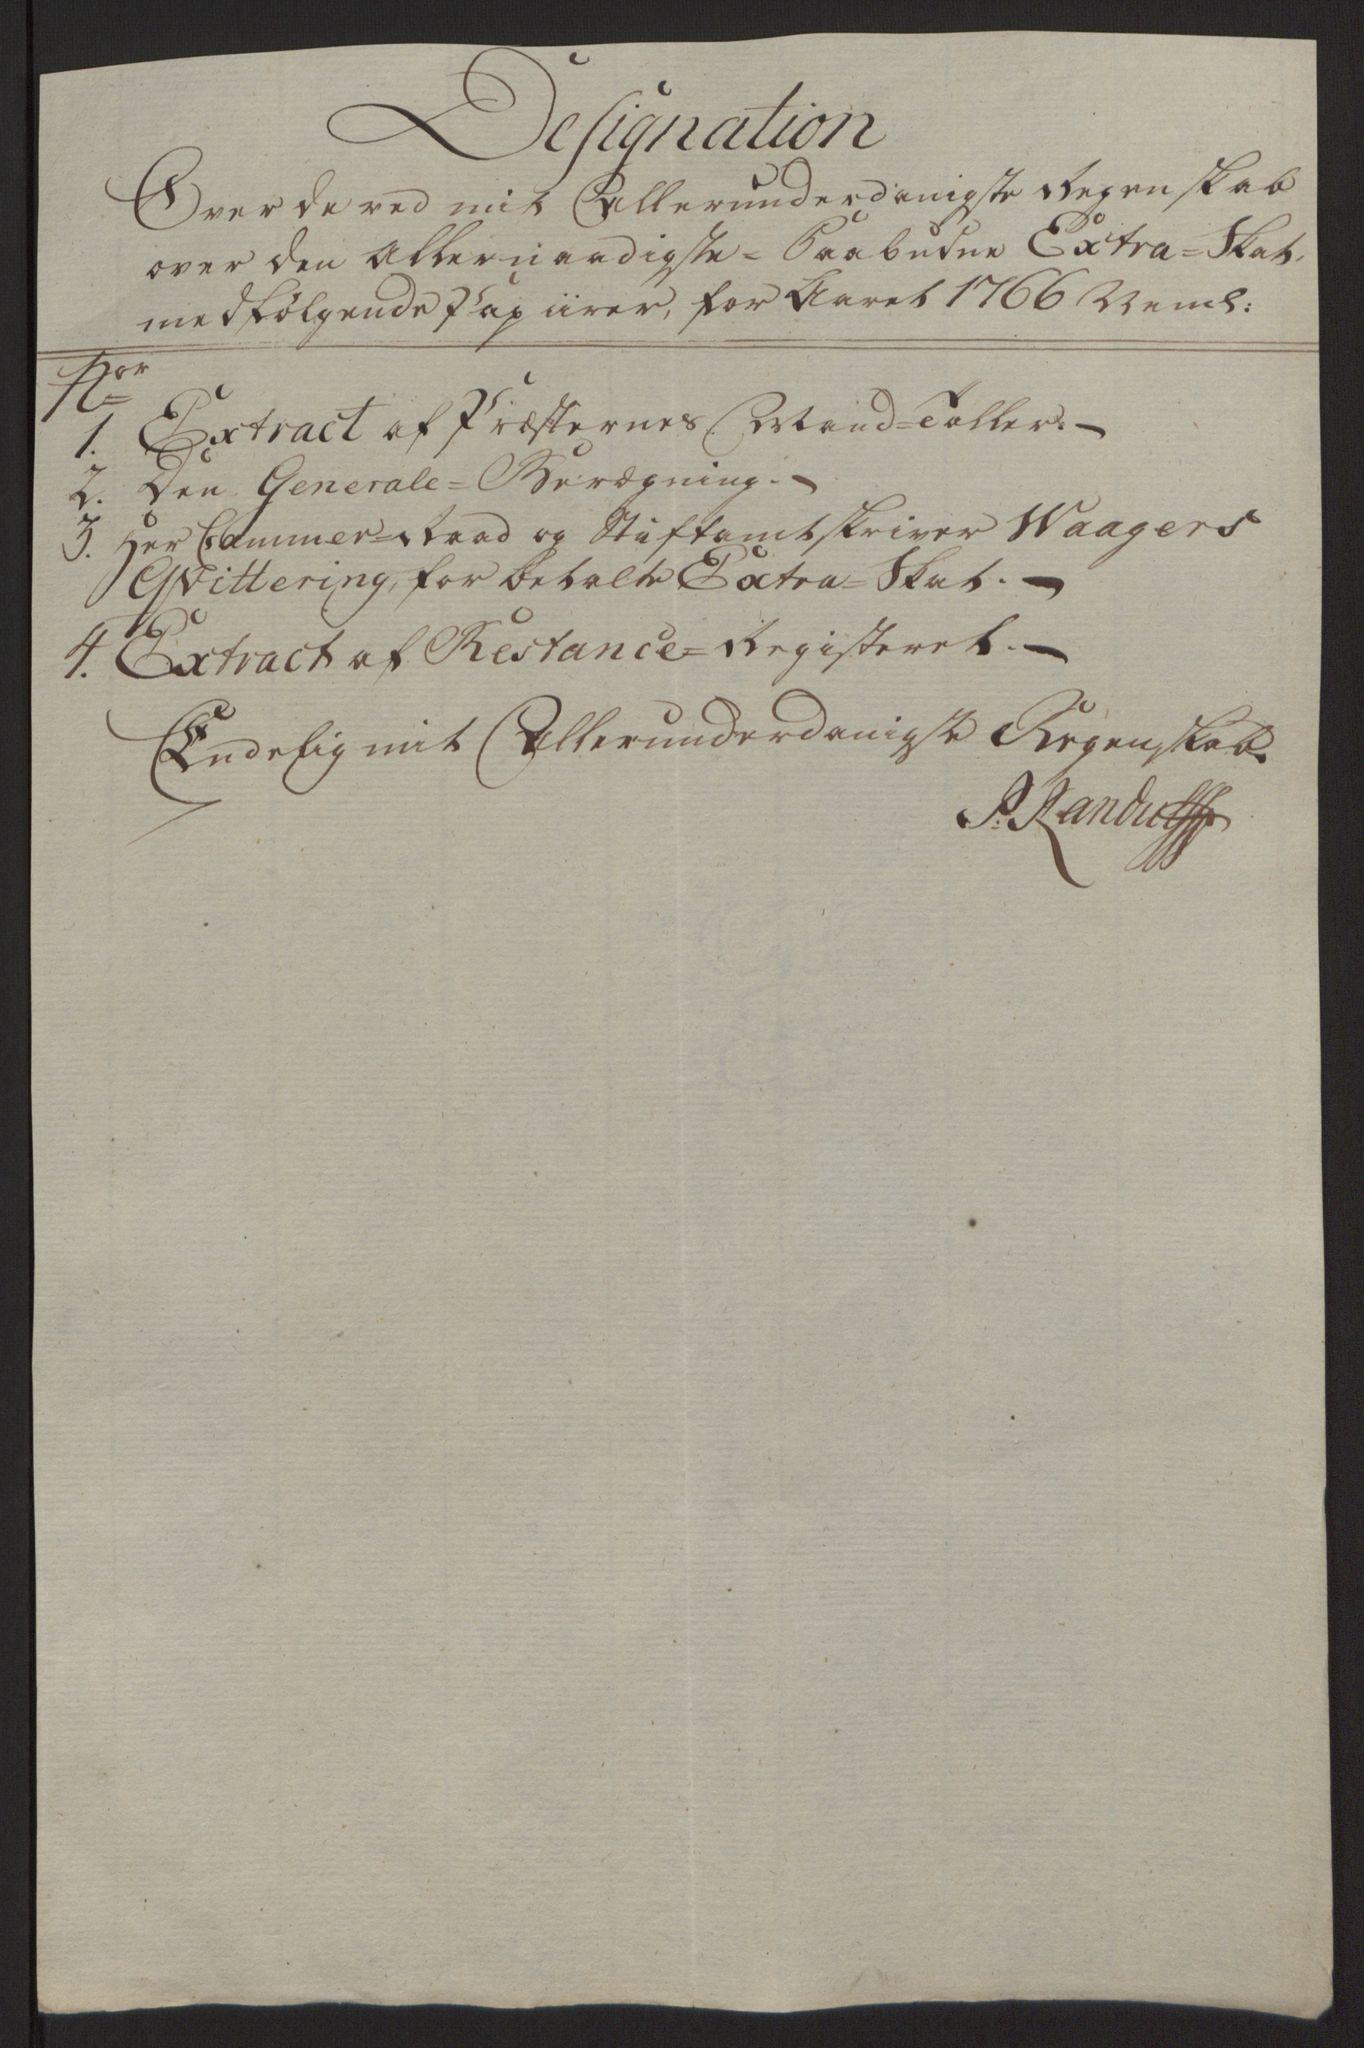 RA, Rentekammeret inntil 1814, Reviderte regnskaper, Fogderegnskap, R63/L4420: Ekstraskatten Inderøy, 1762-1772, s. 203